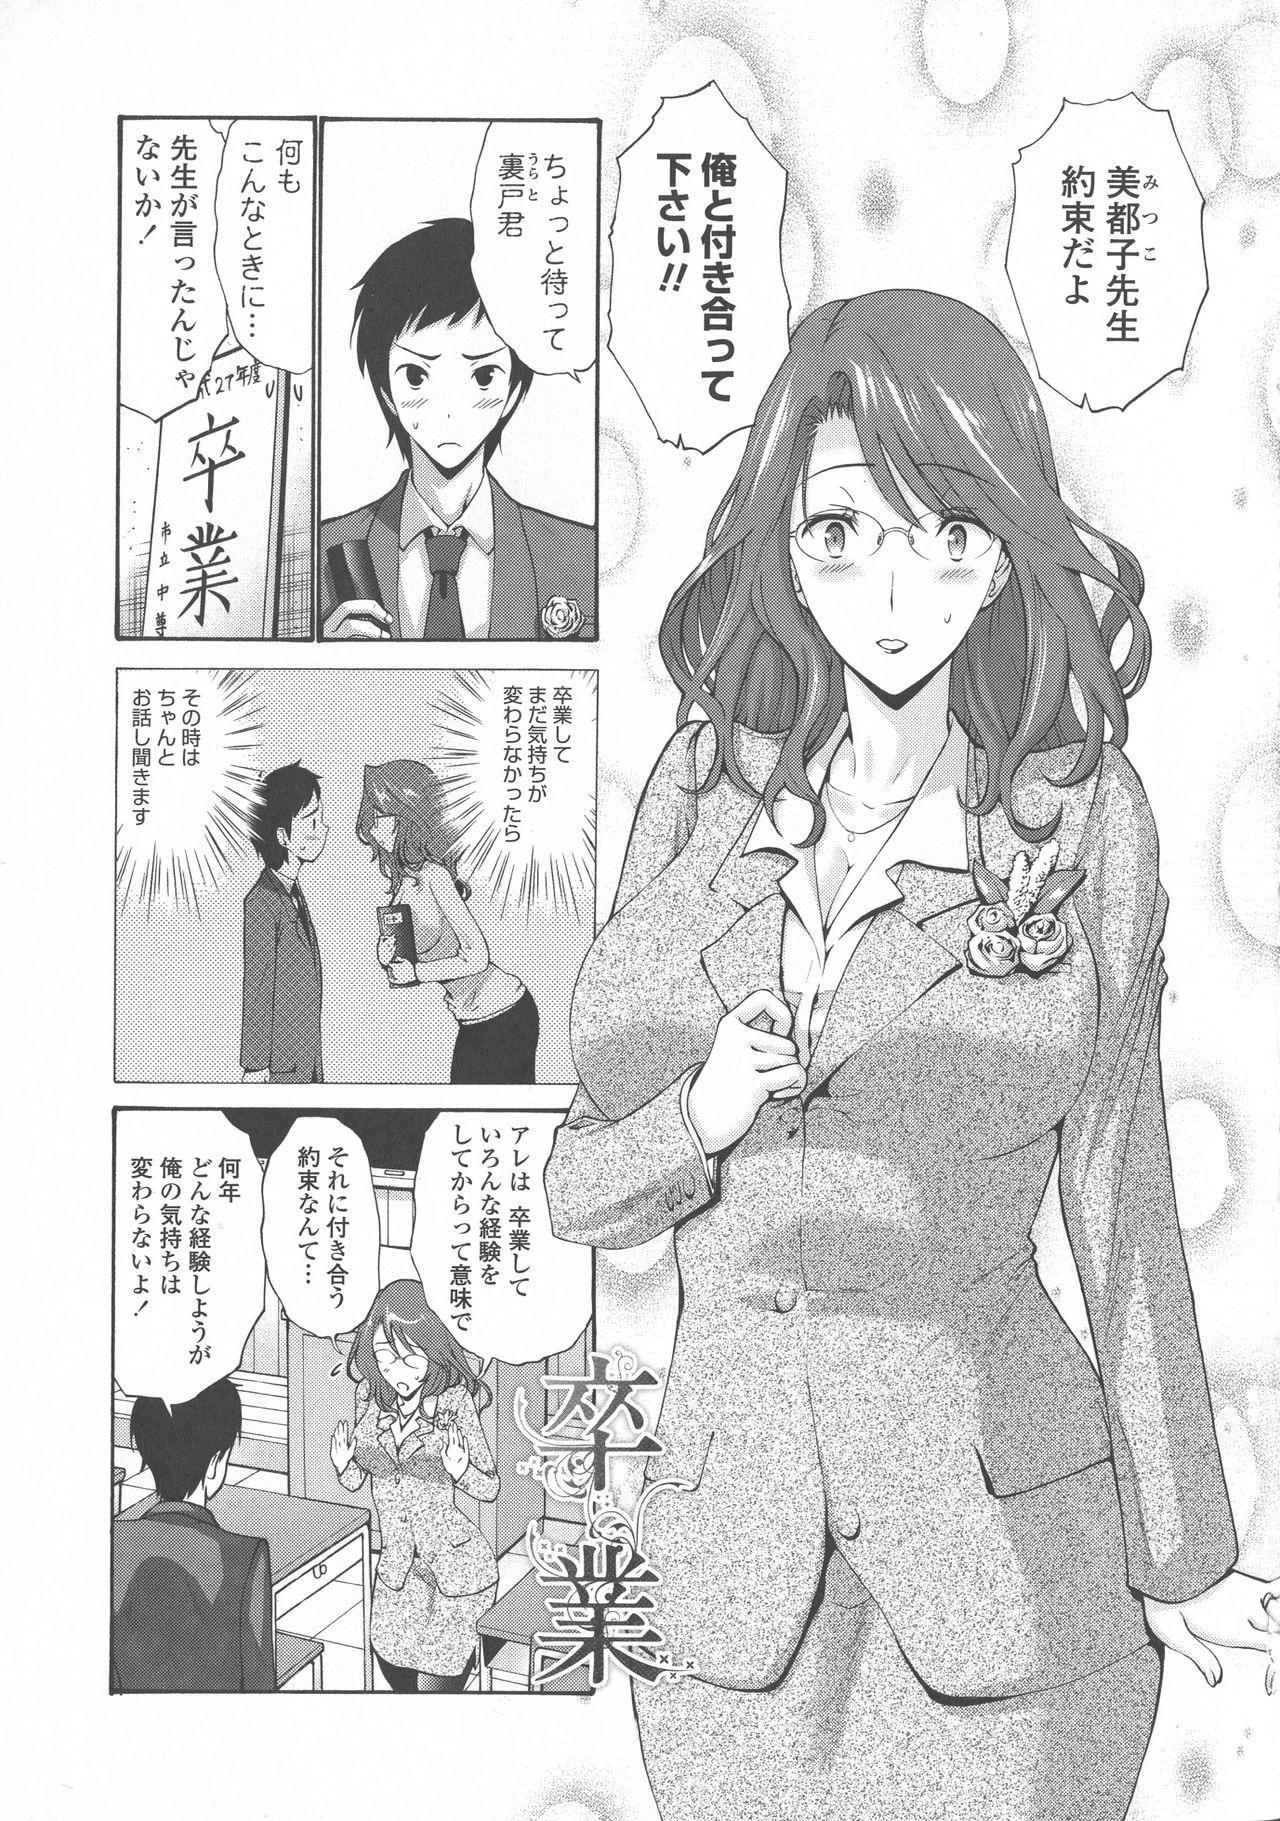 Tomodachi no Haha wa Boku no Mono - His Mother is My Love Hole 231